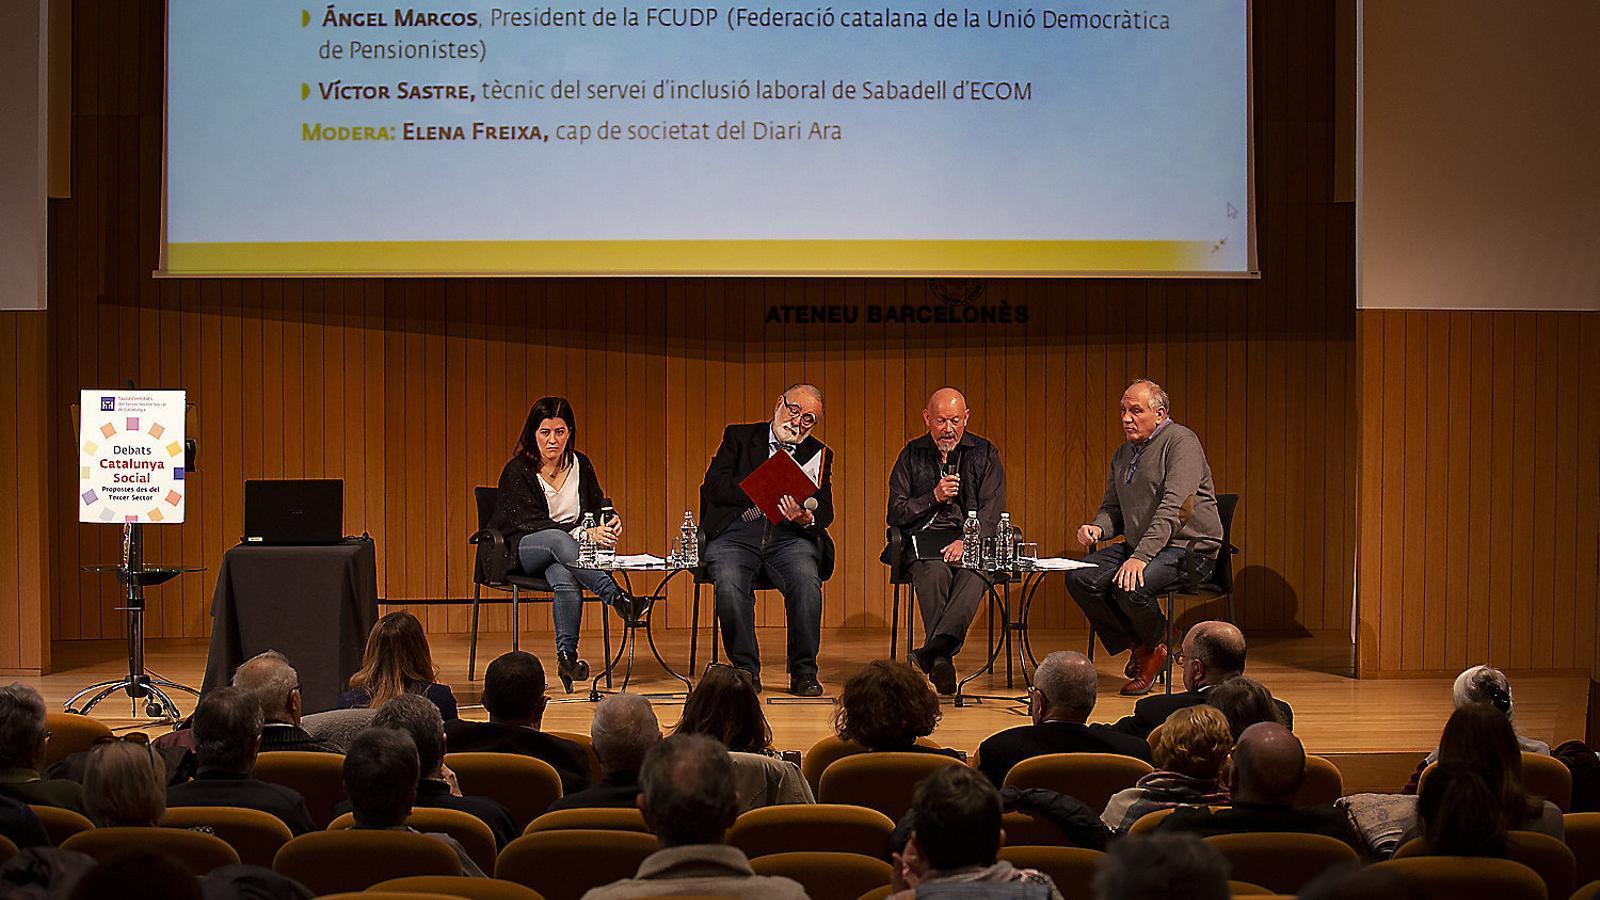 Els participants ahir al debat 'Catalunya Social' sobre el sistema de pensions a Espanya organitzat pel Tercer Sector i l'ARA. / FRANCESC MELCION